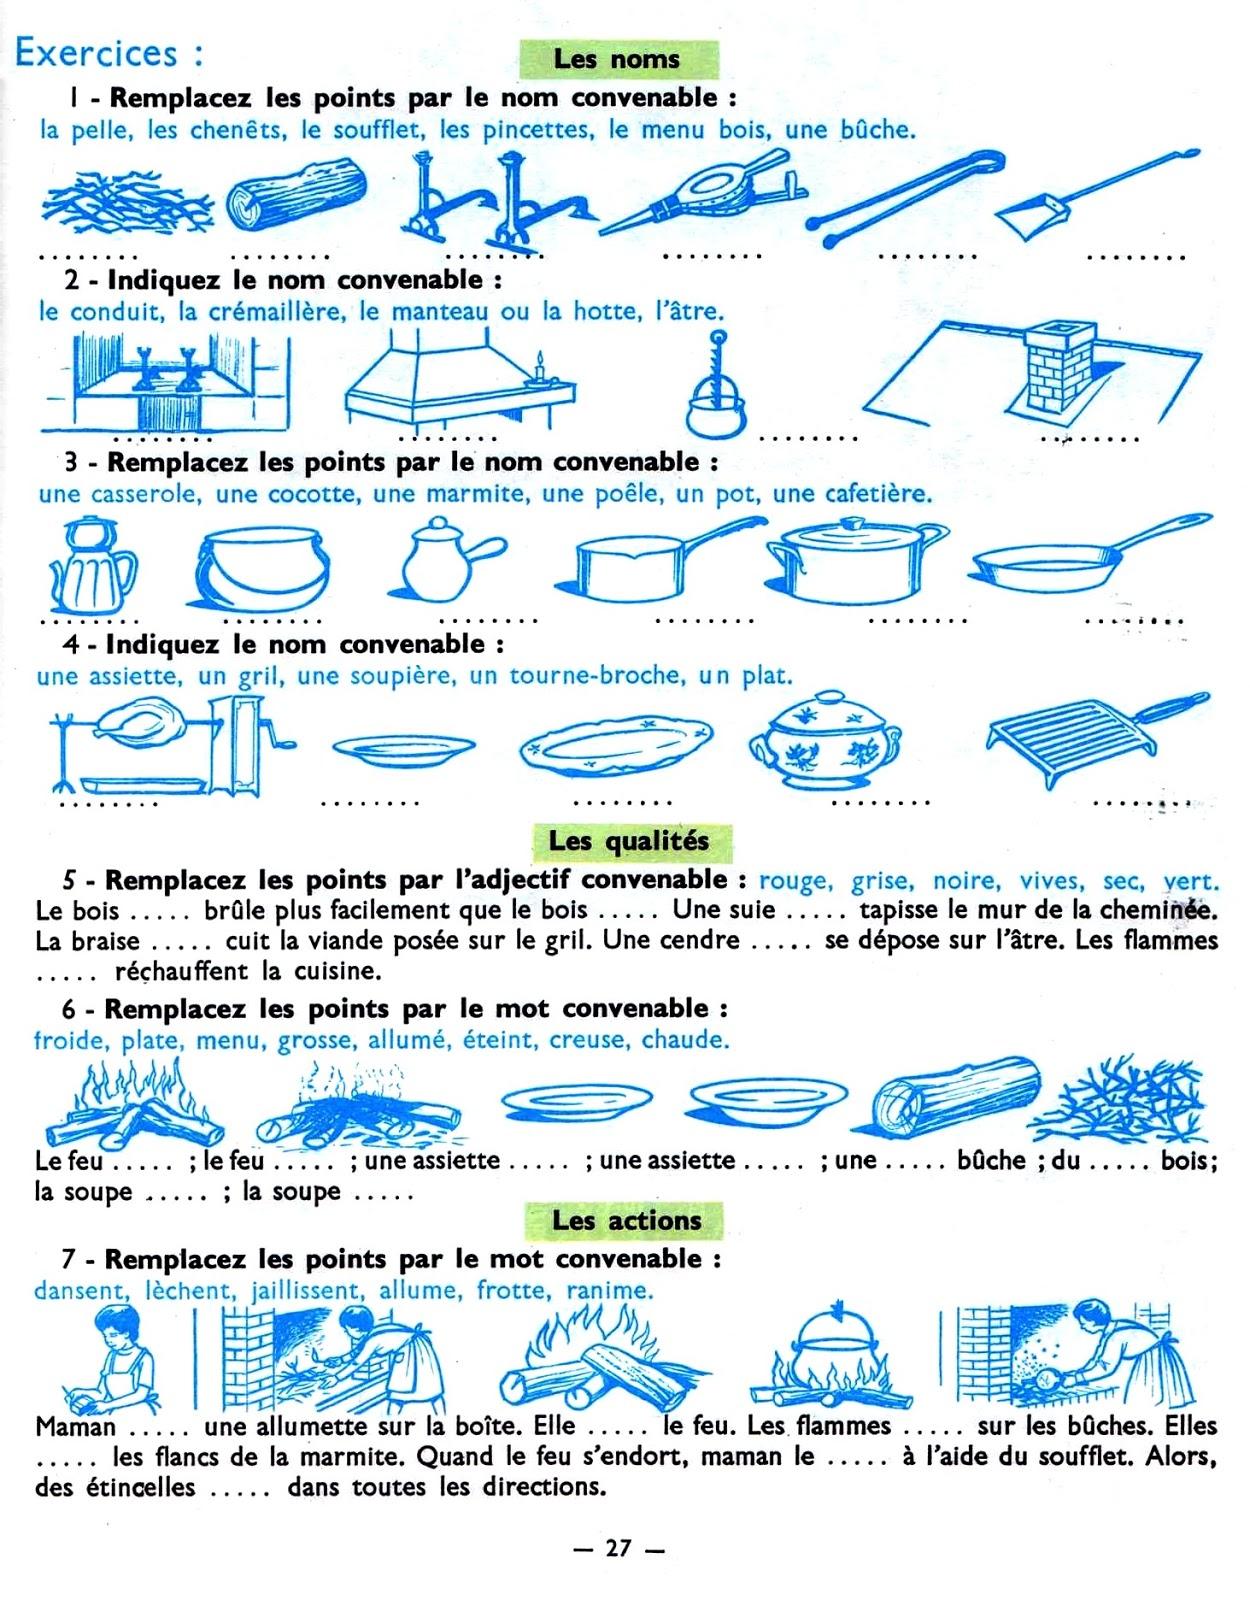 Vocabulaire de la salle de bains fle lexique de la for Les cuisines